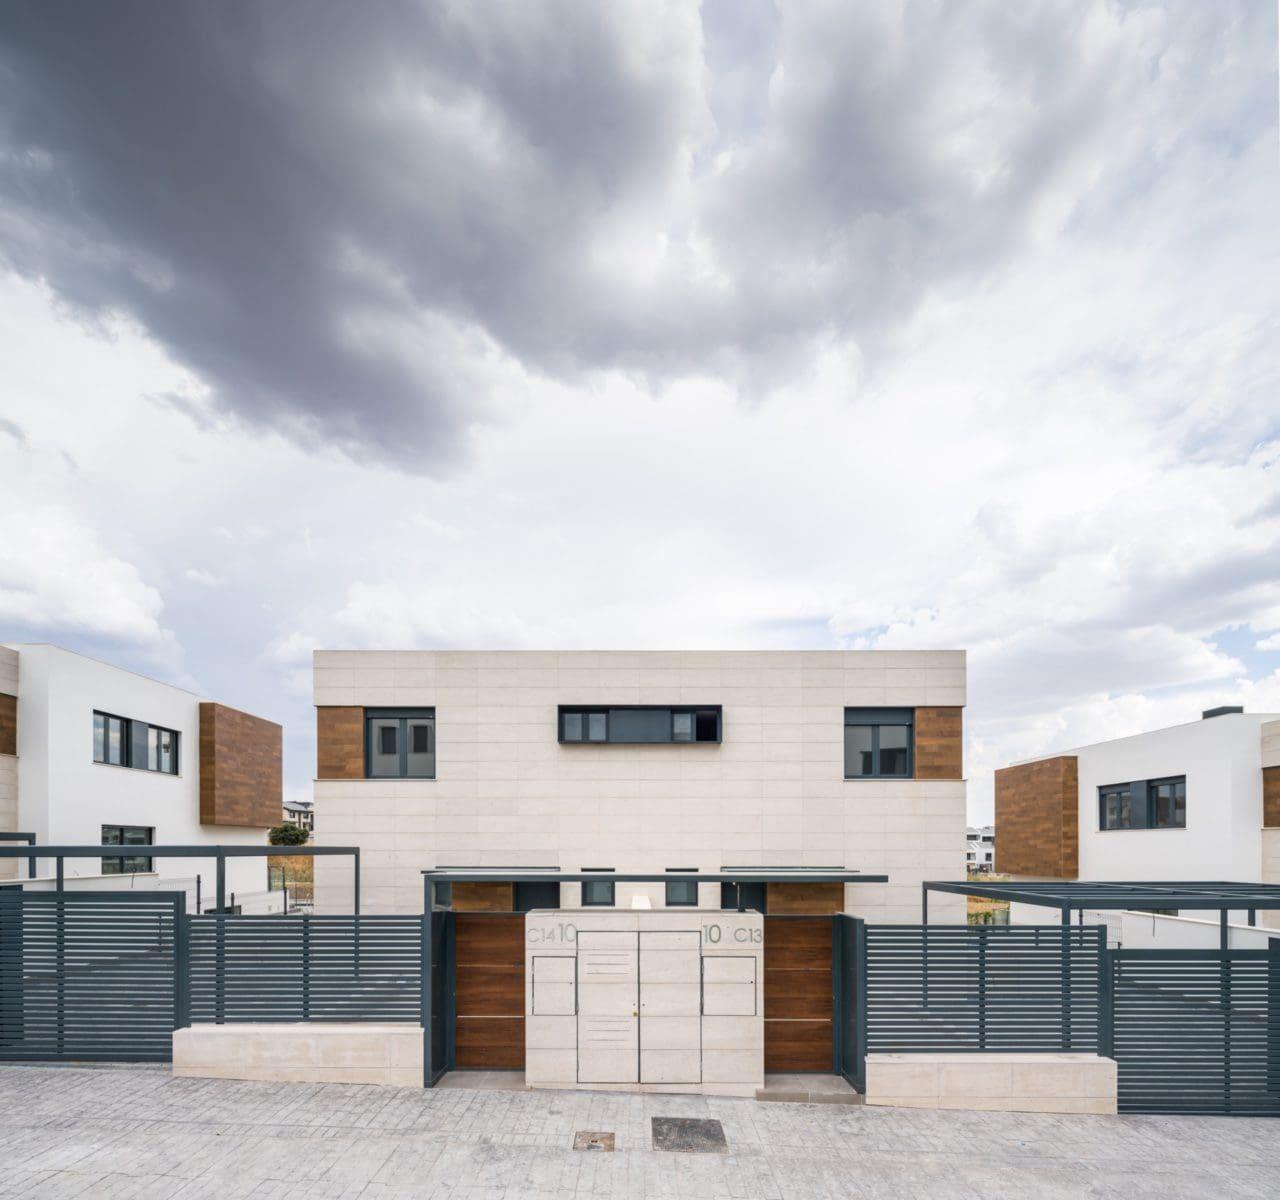 El acceso a las viviendas